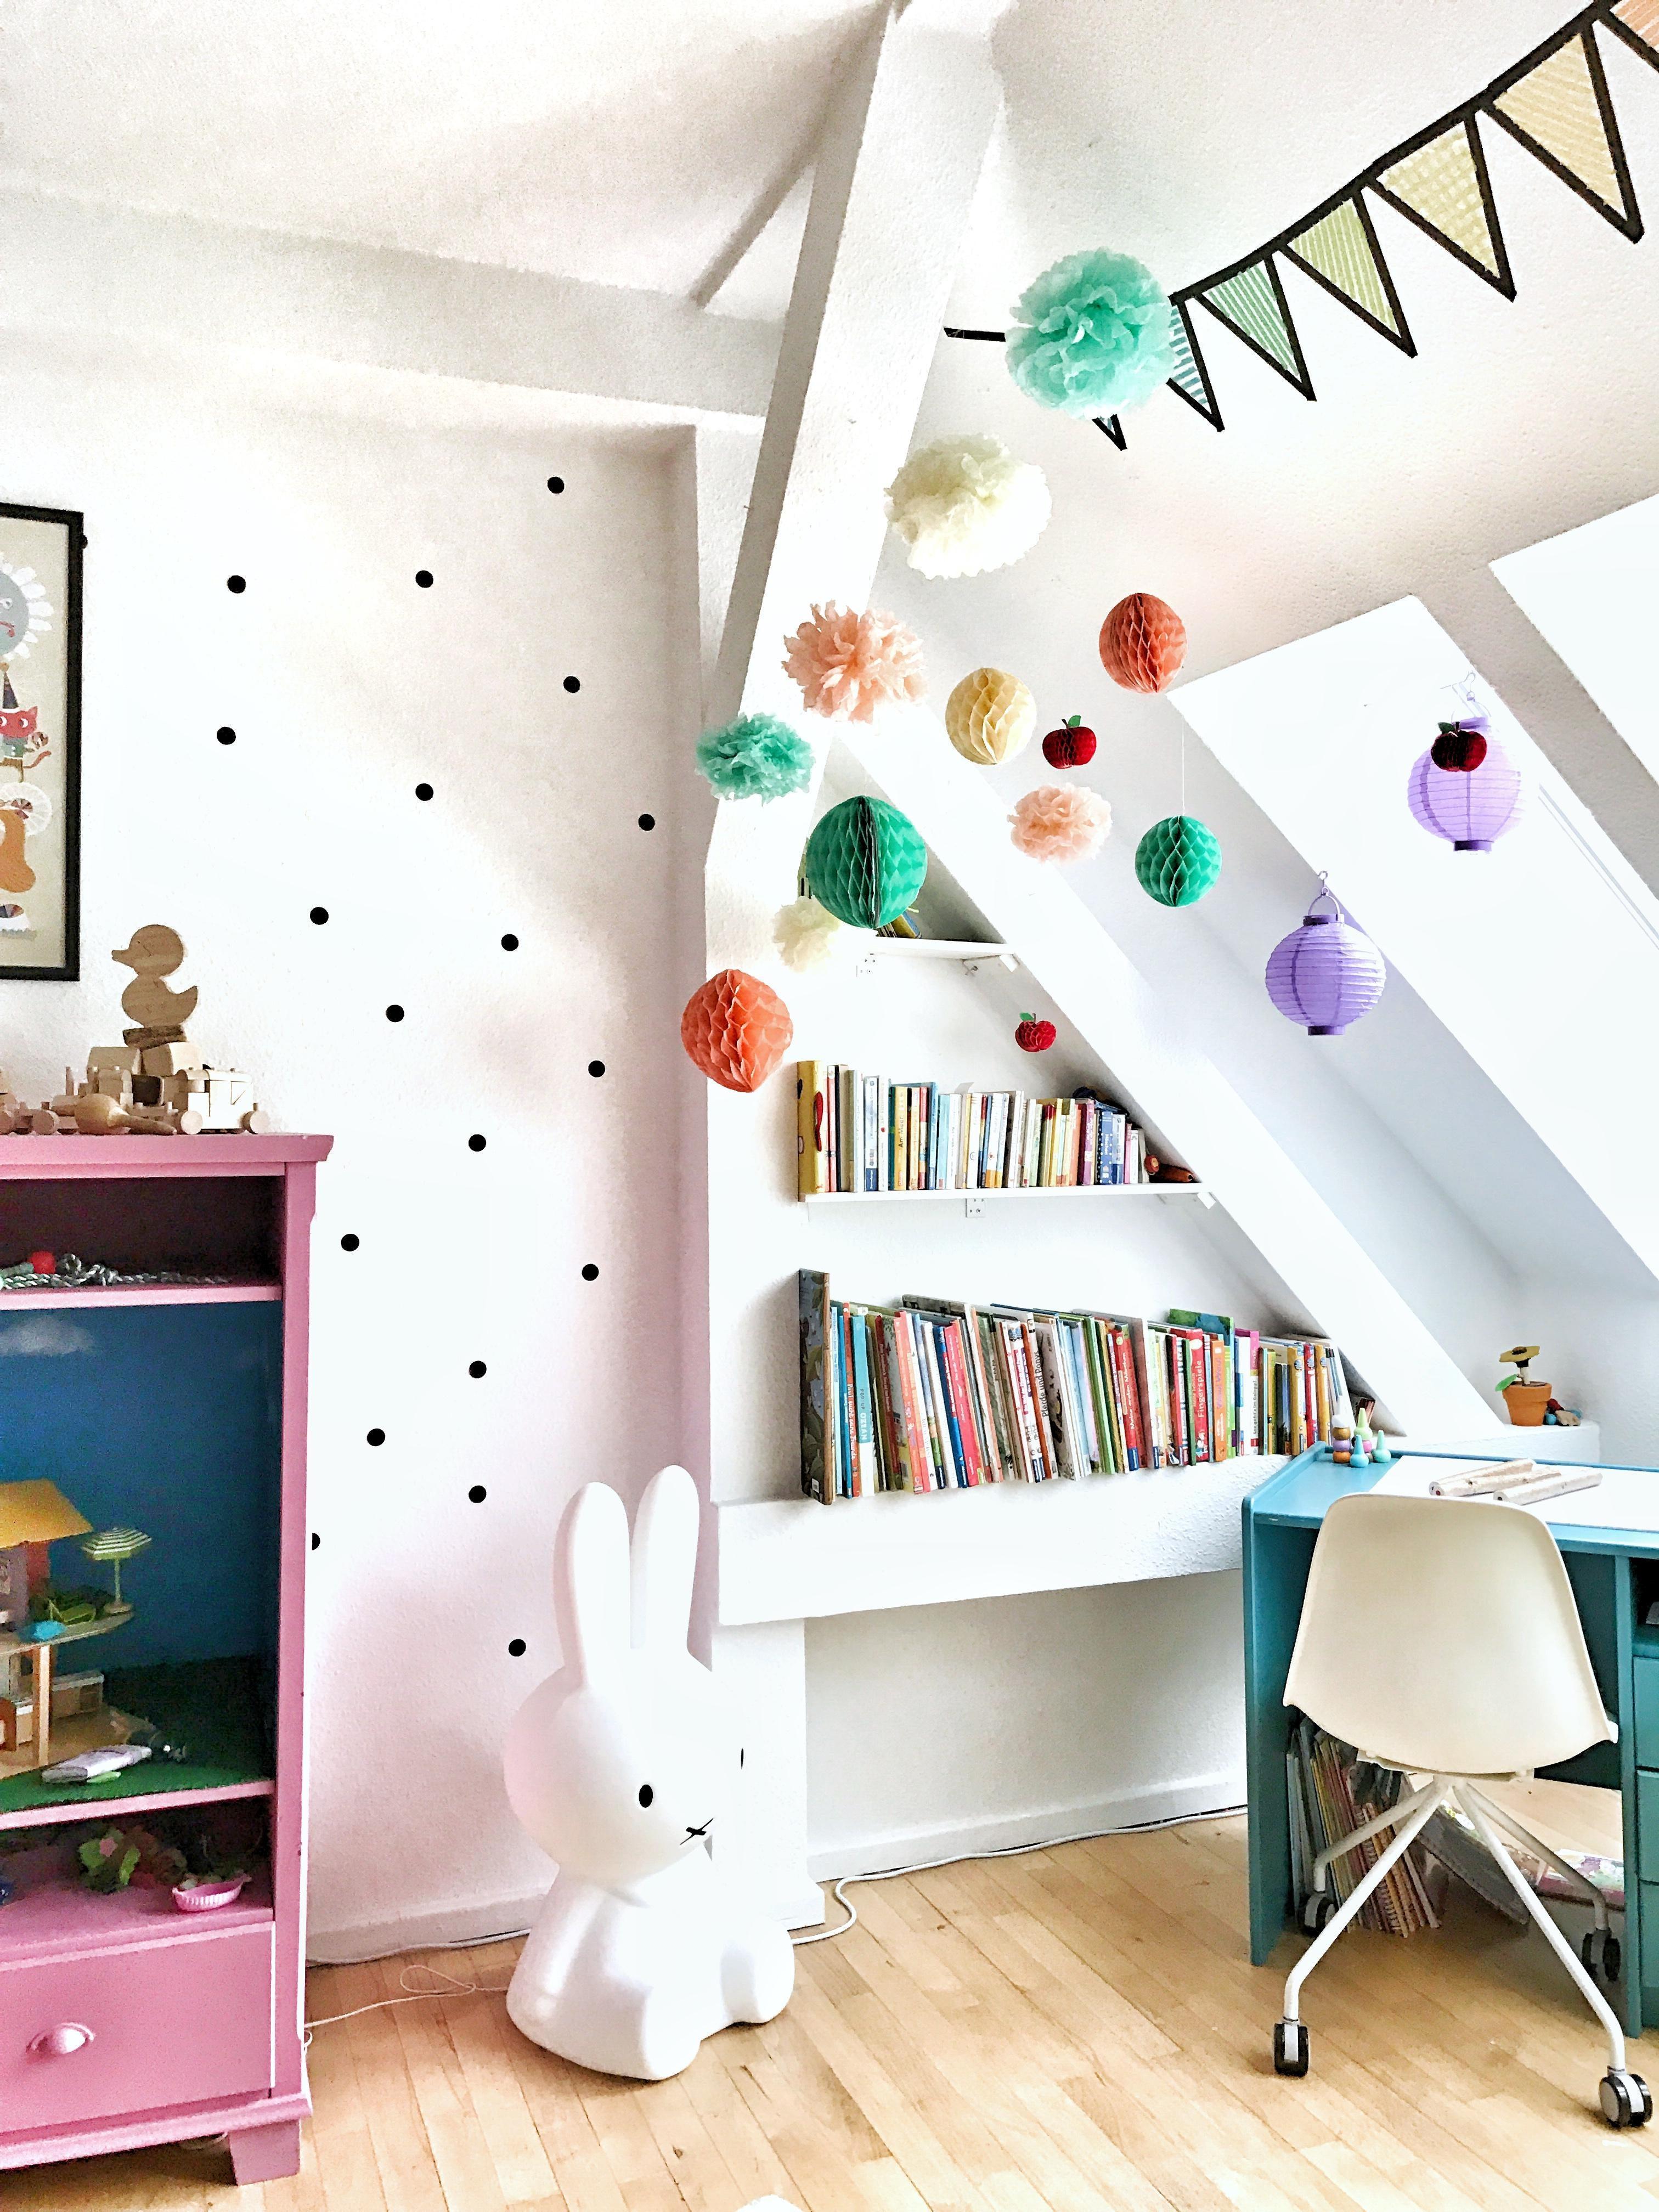 Deko ideen kinderzimmer  Kinderzimmer • Bilder & Ideen • COUCHstyle